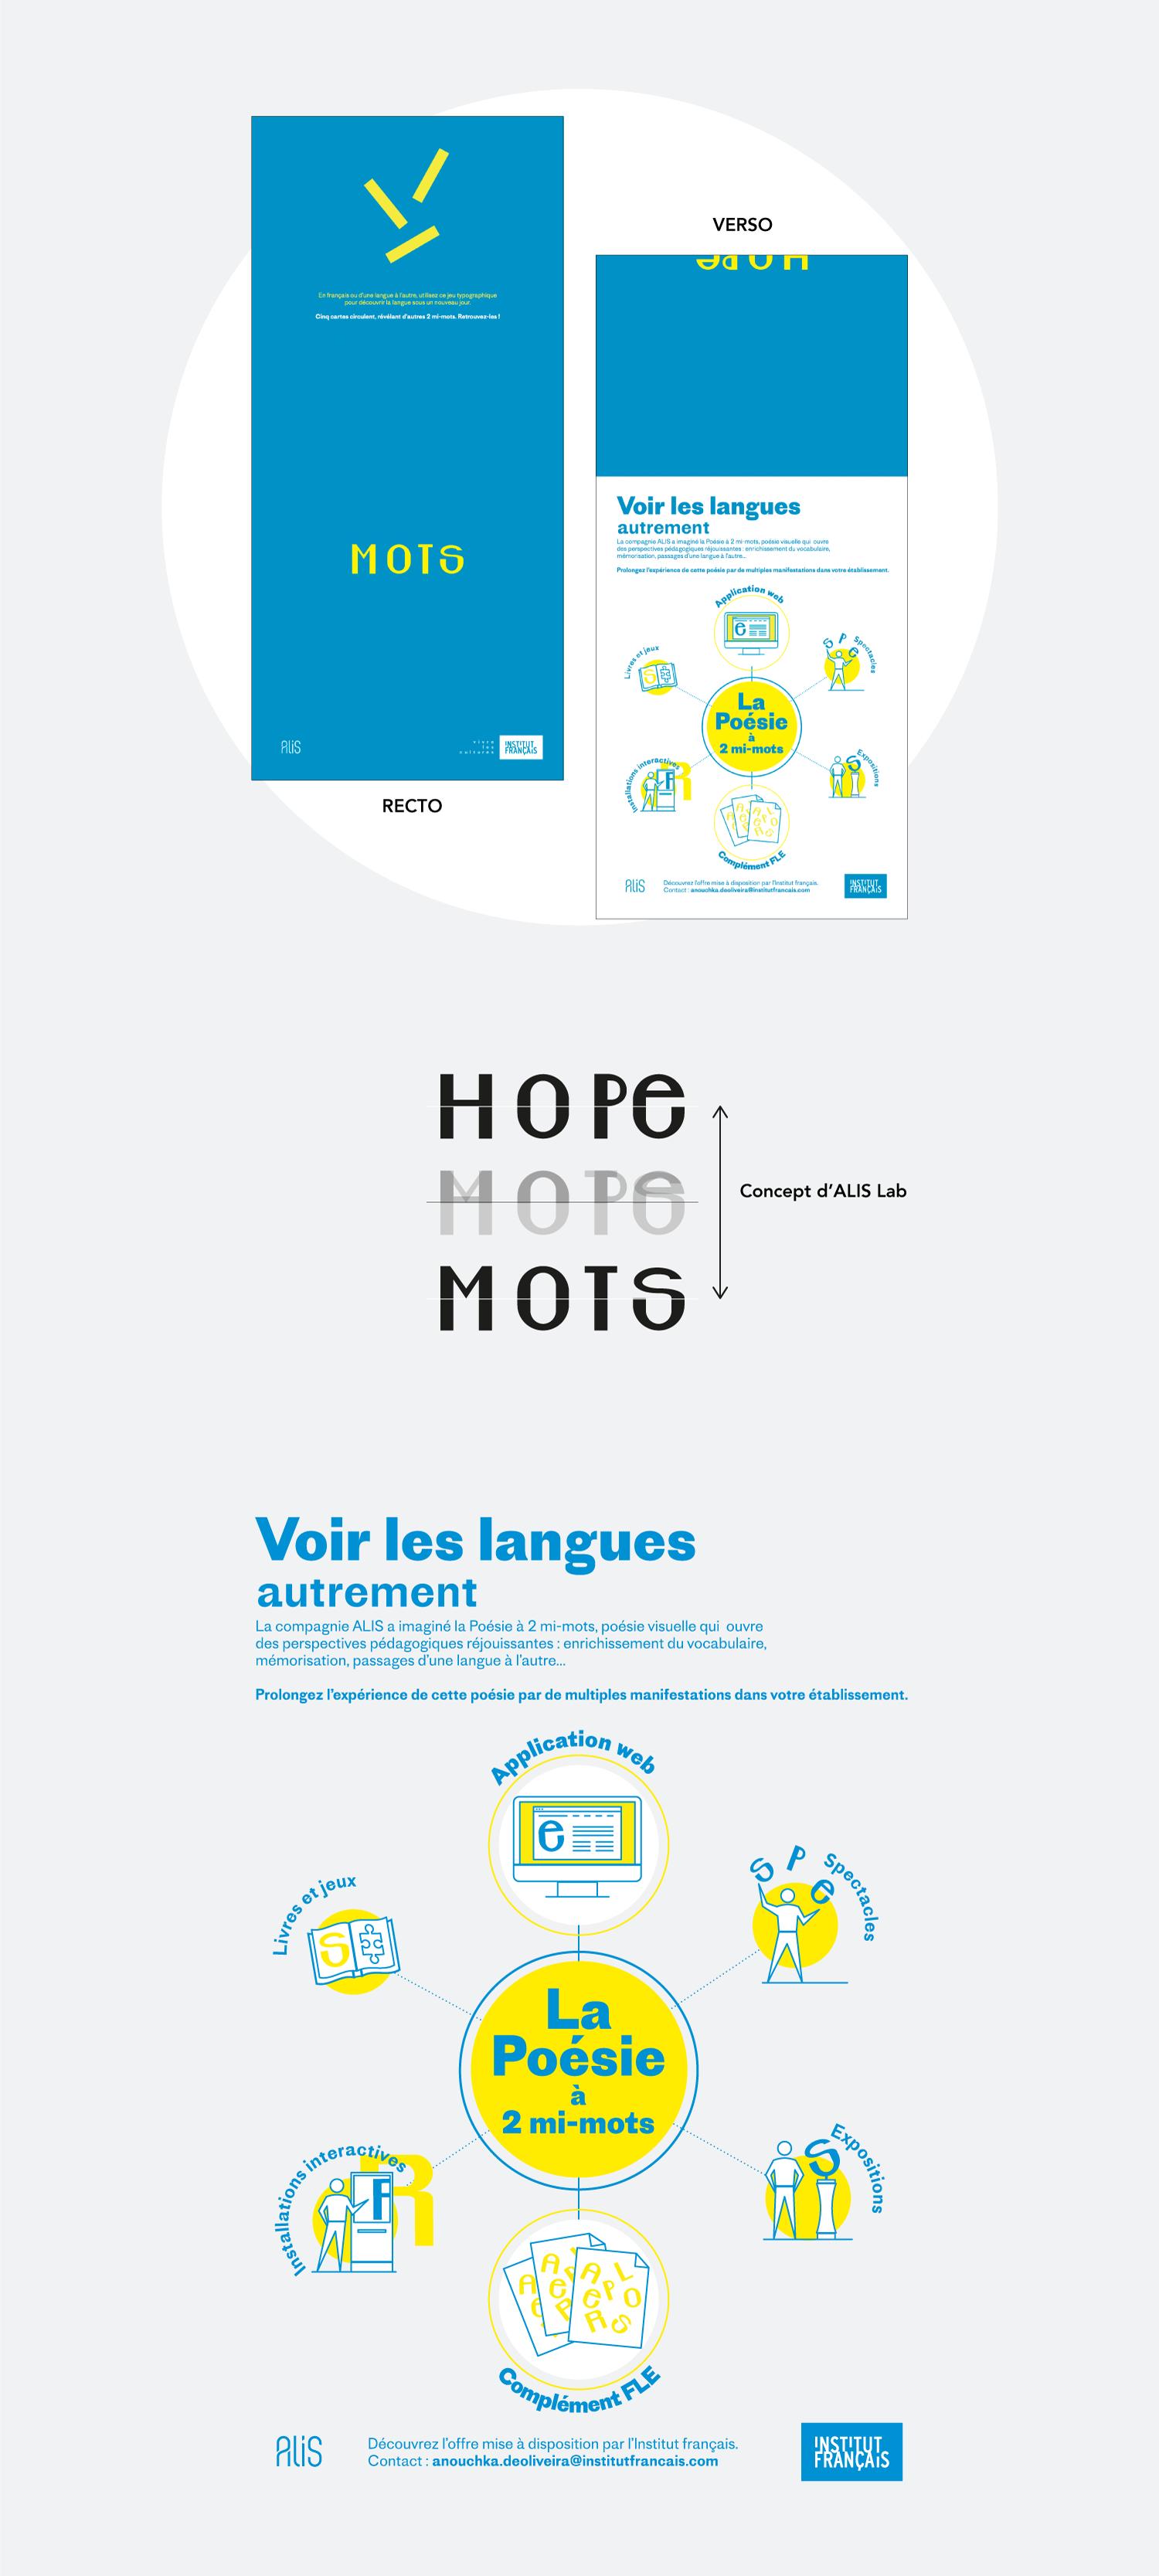 HO_Institut-Francais_ALIS_Concept_1